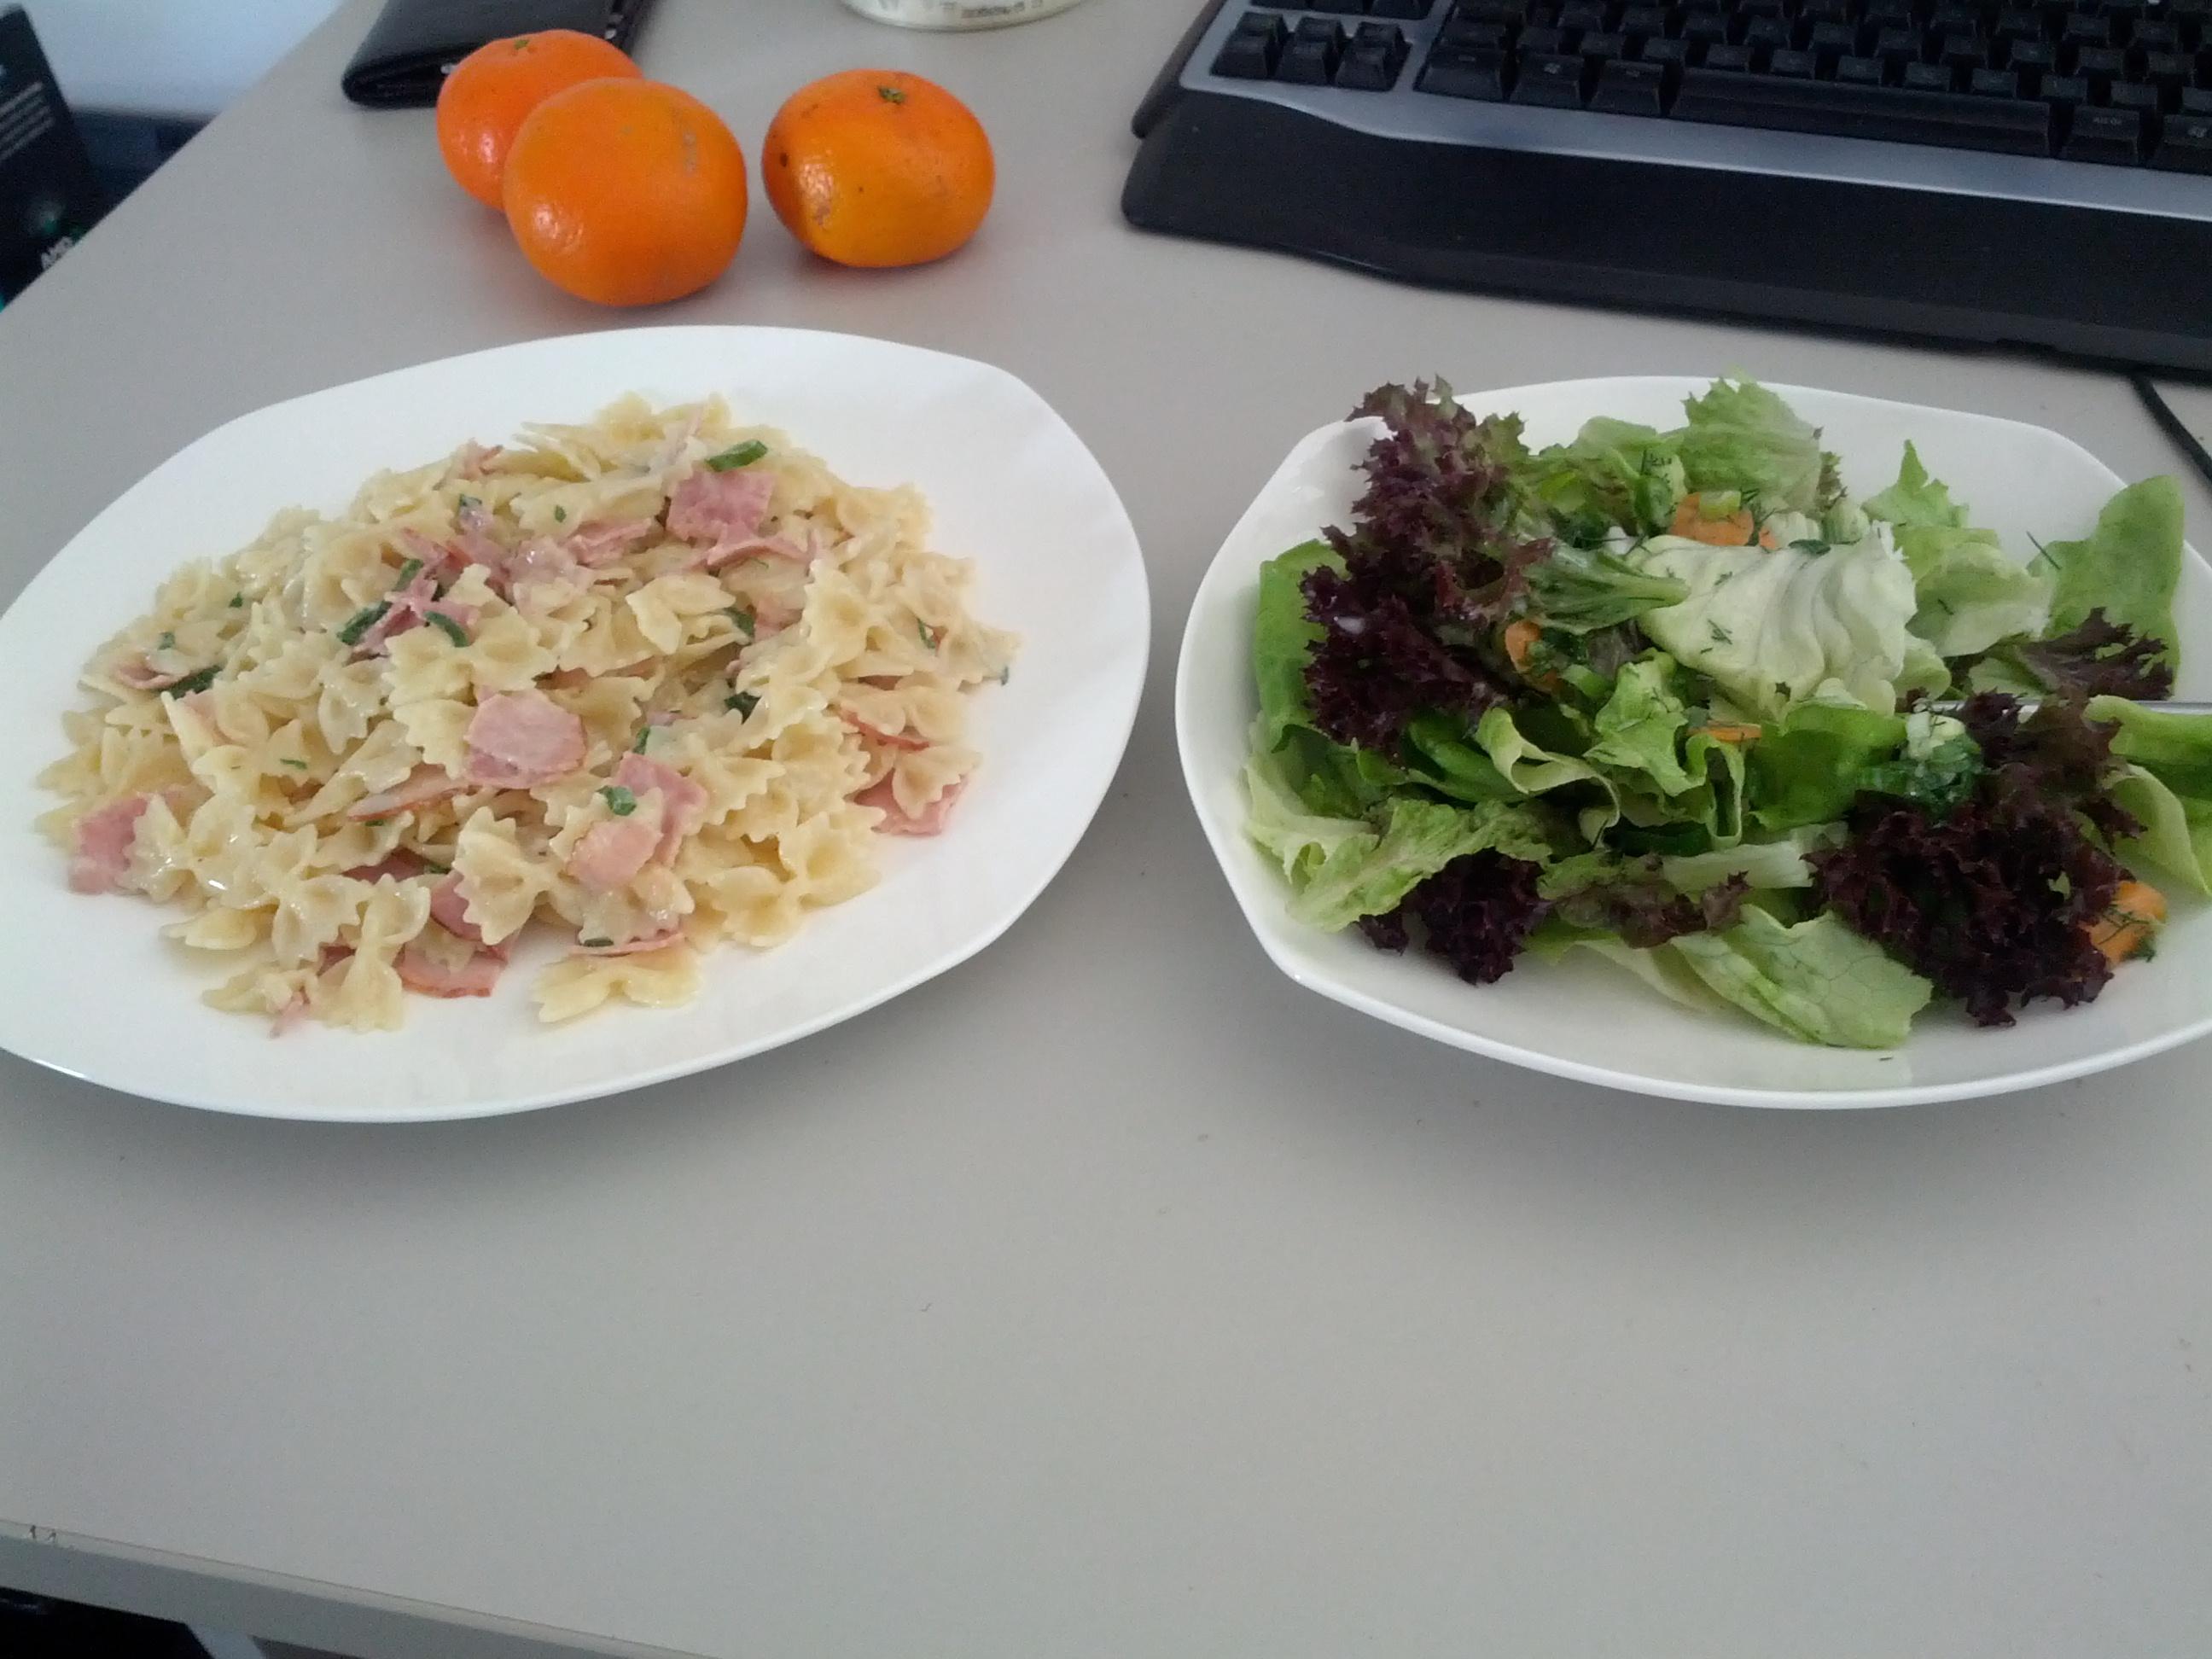 http://foodloader.net/Ludwig_2012-09-01_schinkennudeln_und_salat.jpg